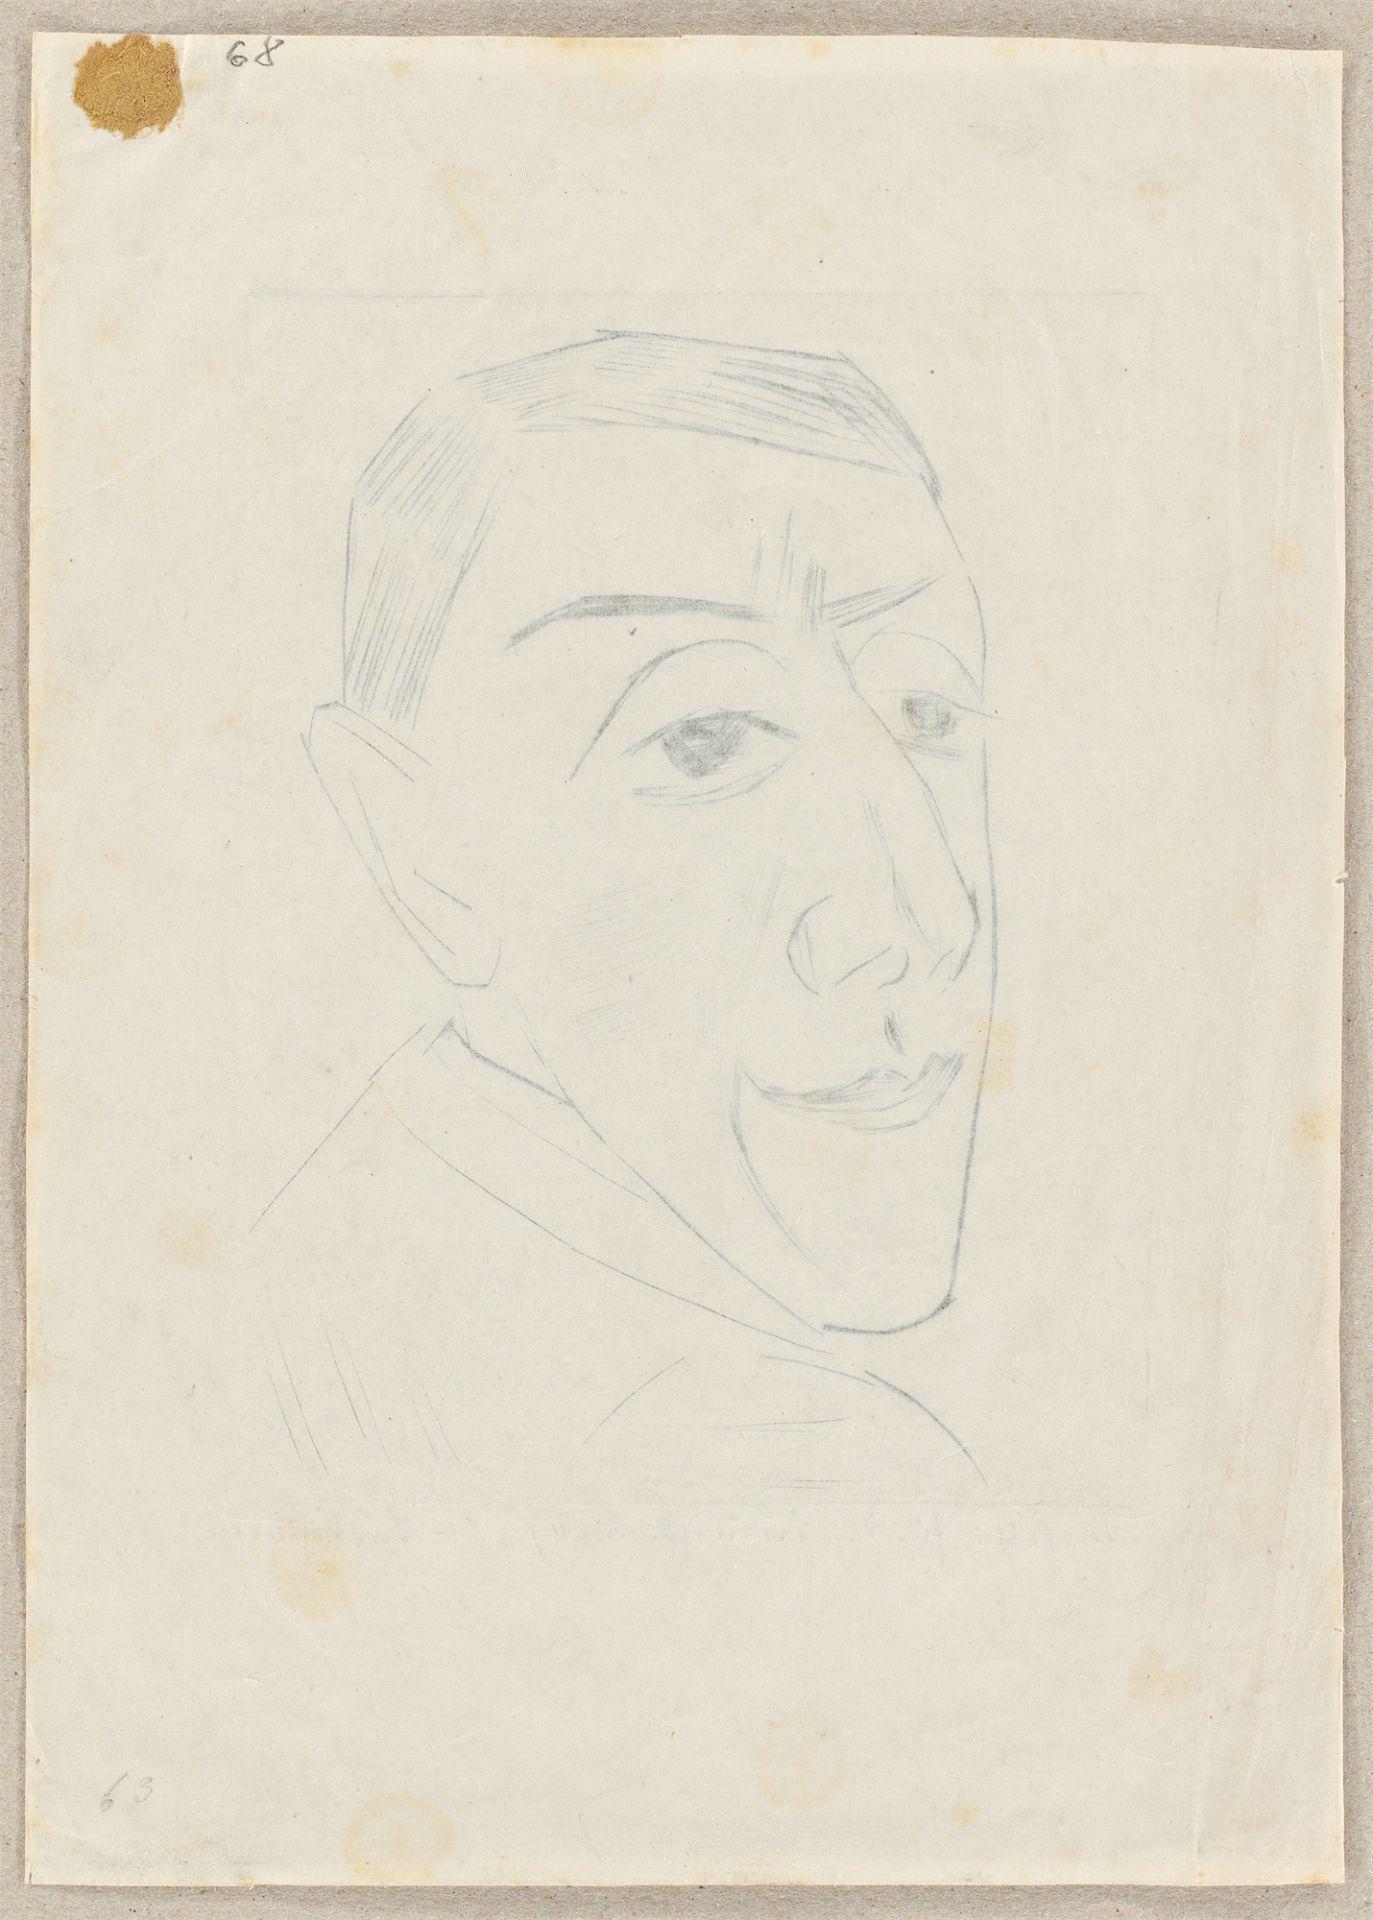 """Max Beckmann. """"Bildnis des Schauspielers N.M. Zeretelli"""". 1924 - Image 3 of 4"""